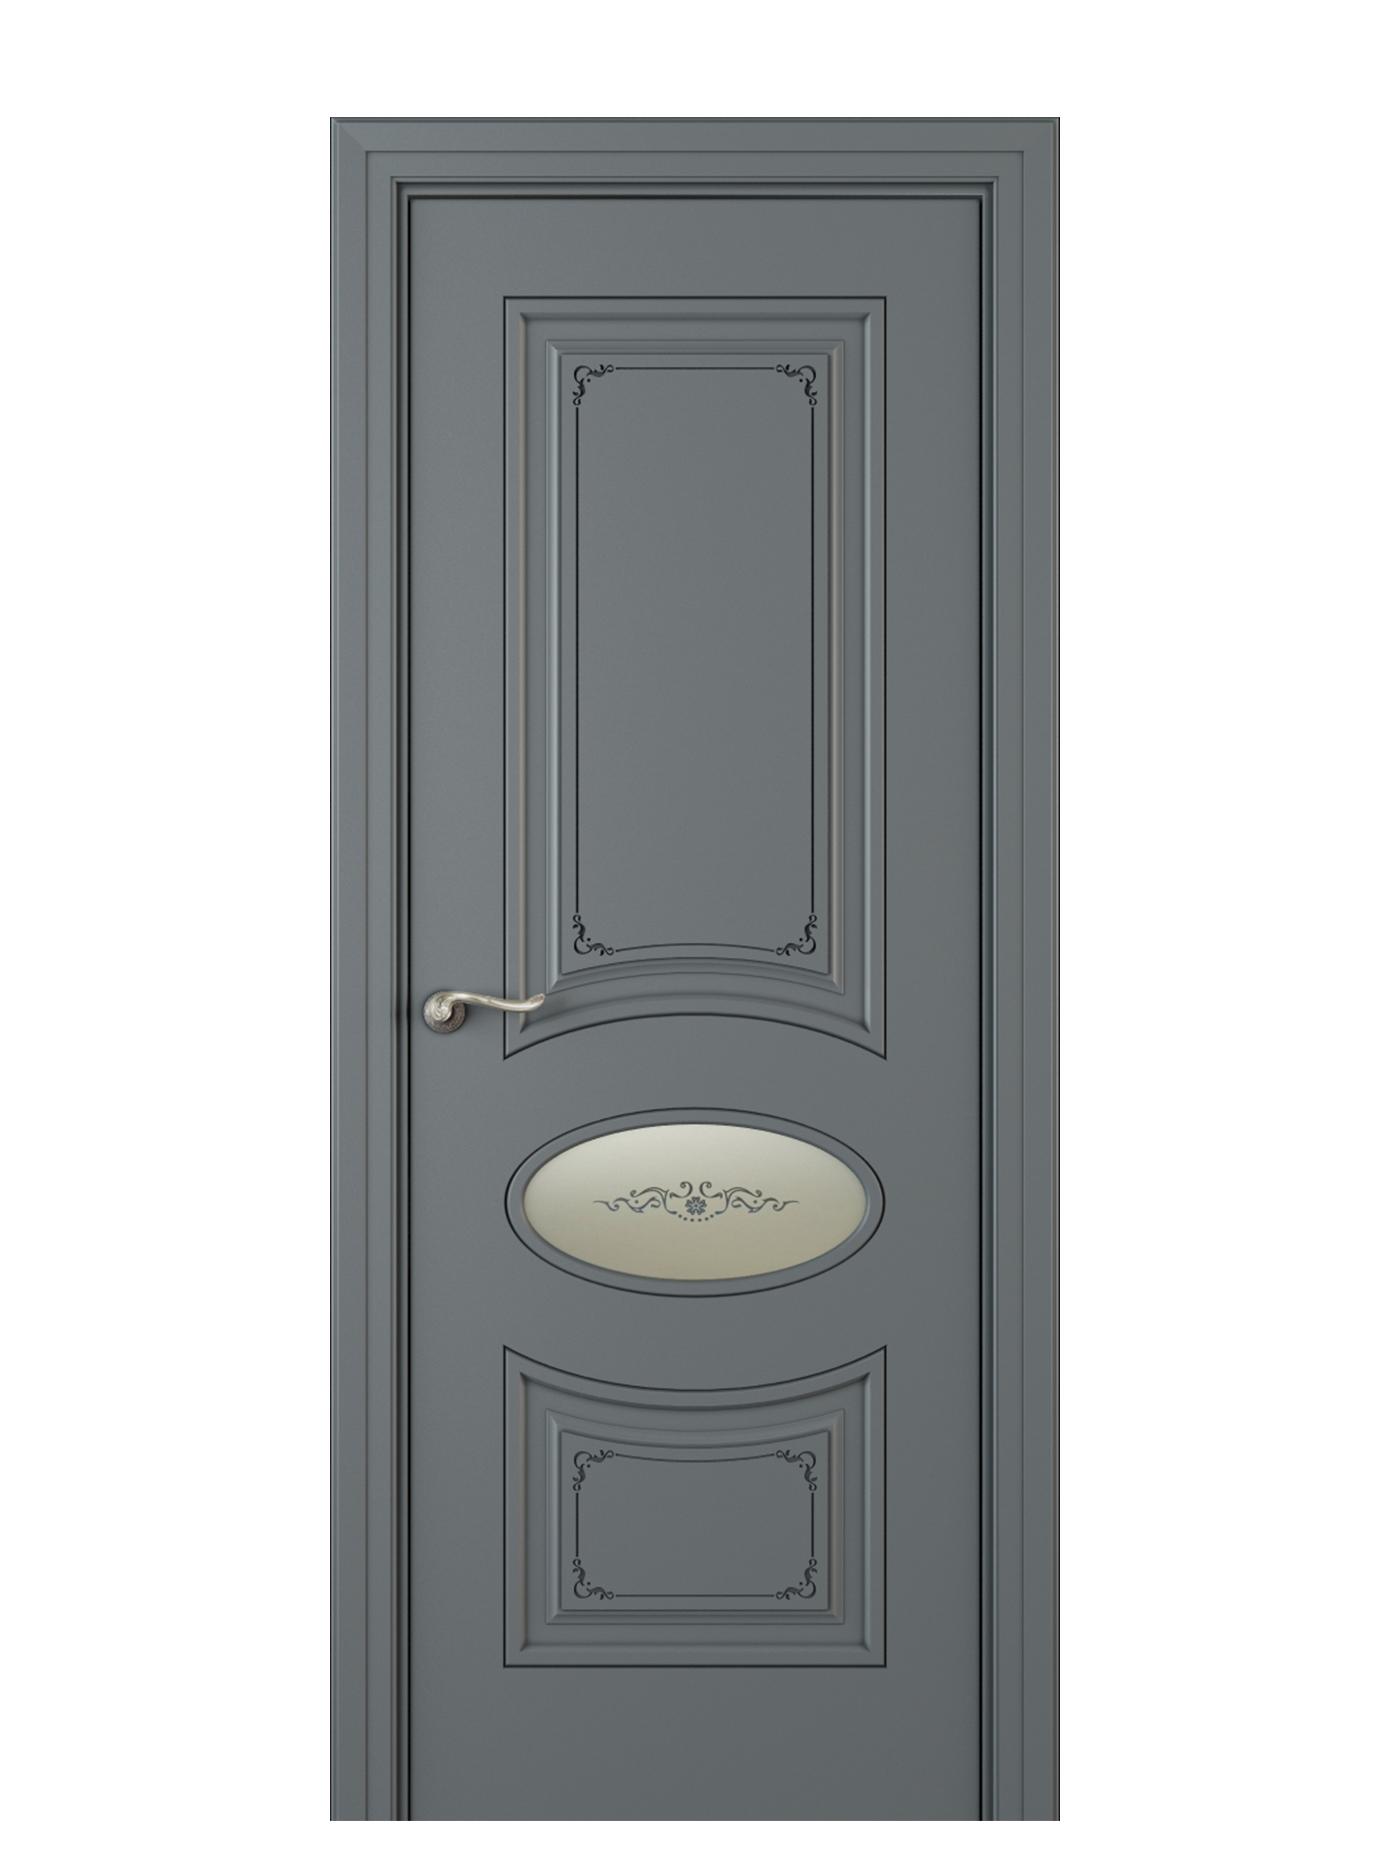 Image Amelia Incerto Interior Door Italian Enamel 7011 0